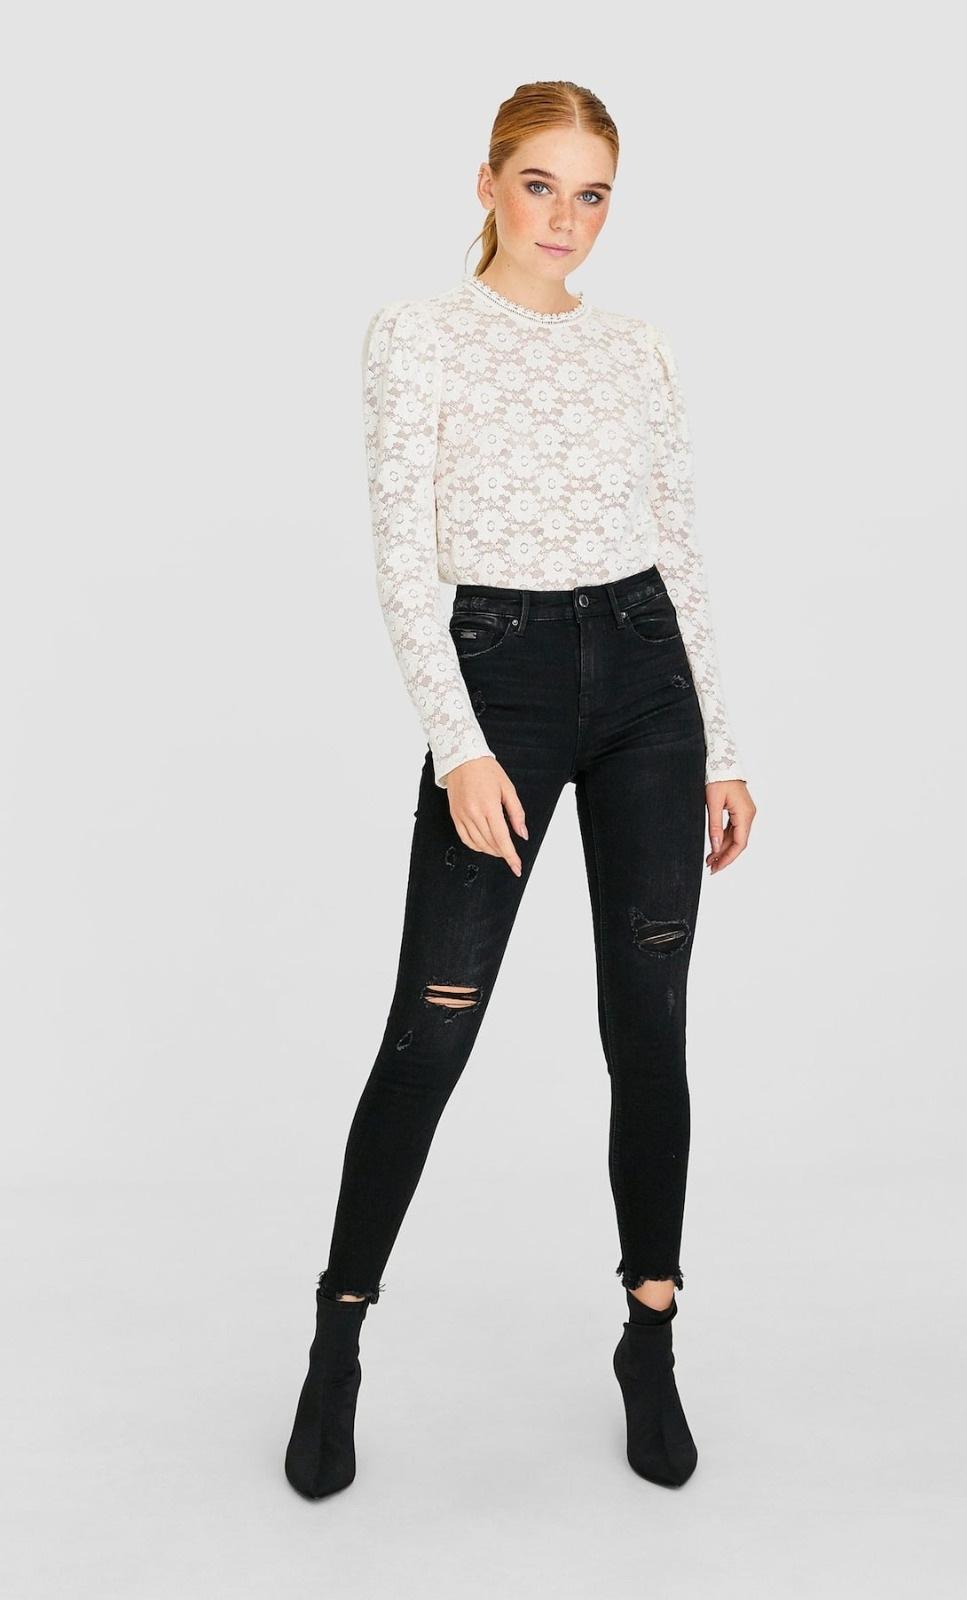 jeans de tiro alto negros